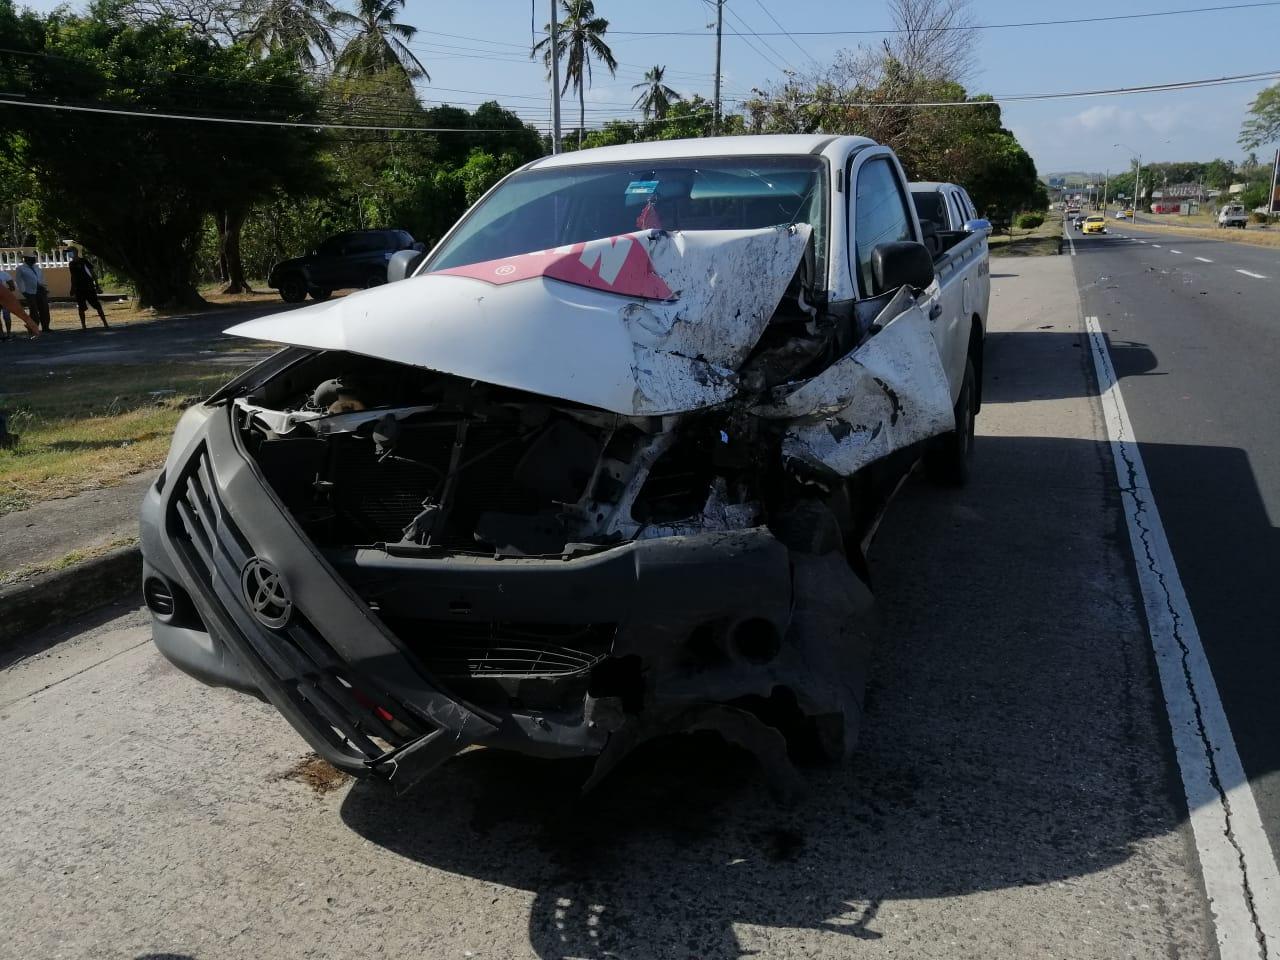 El vehículo pick up sufrió daños en la parte frontal. Foto: Eric A. Montenegro